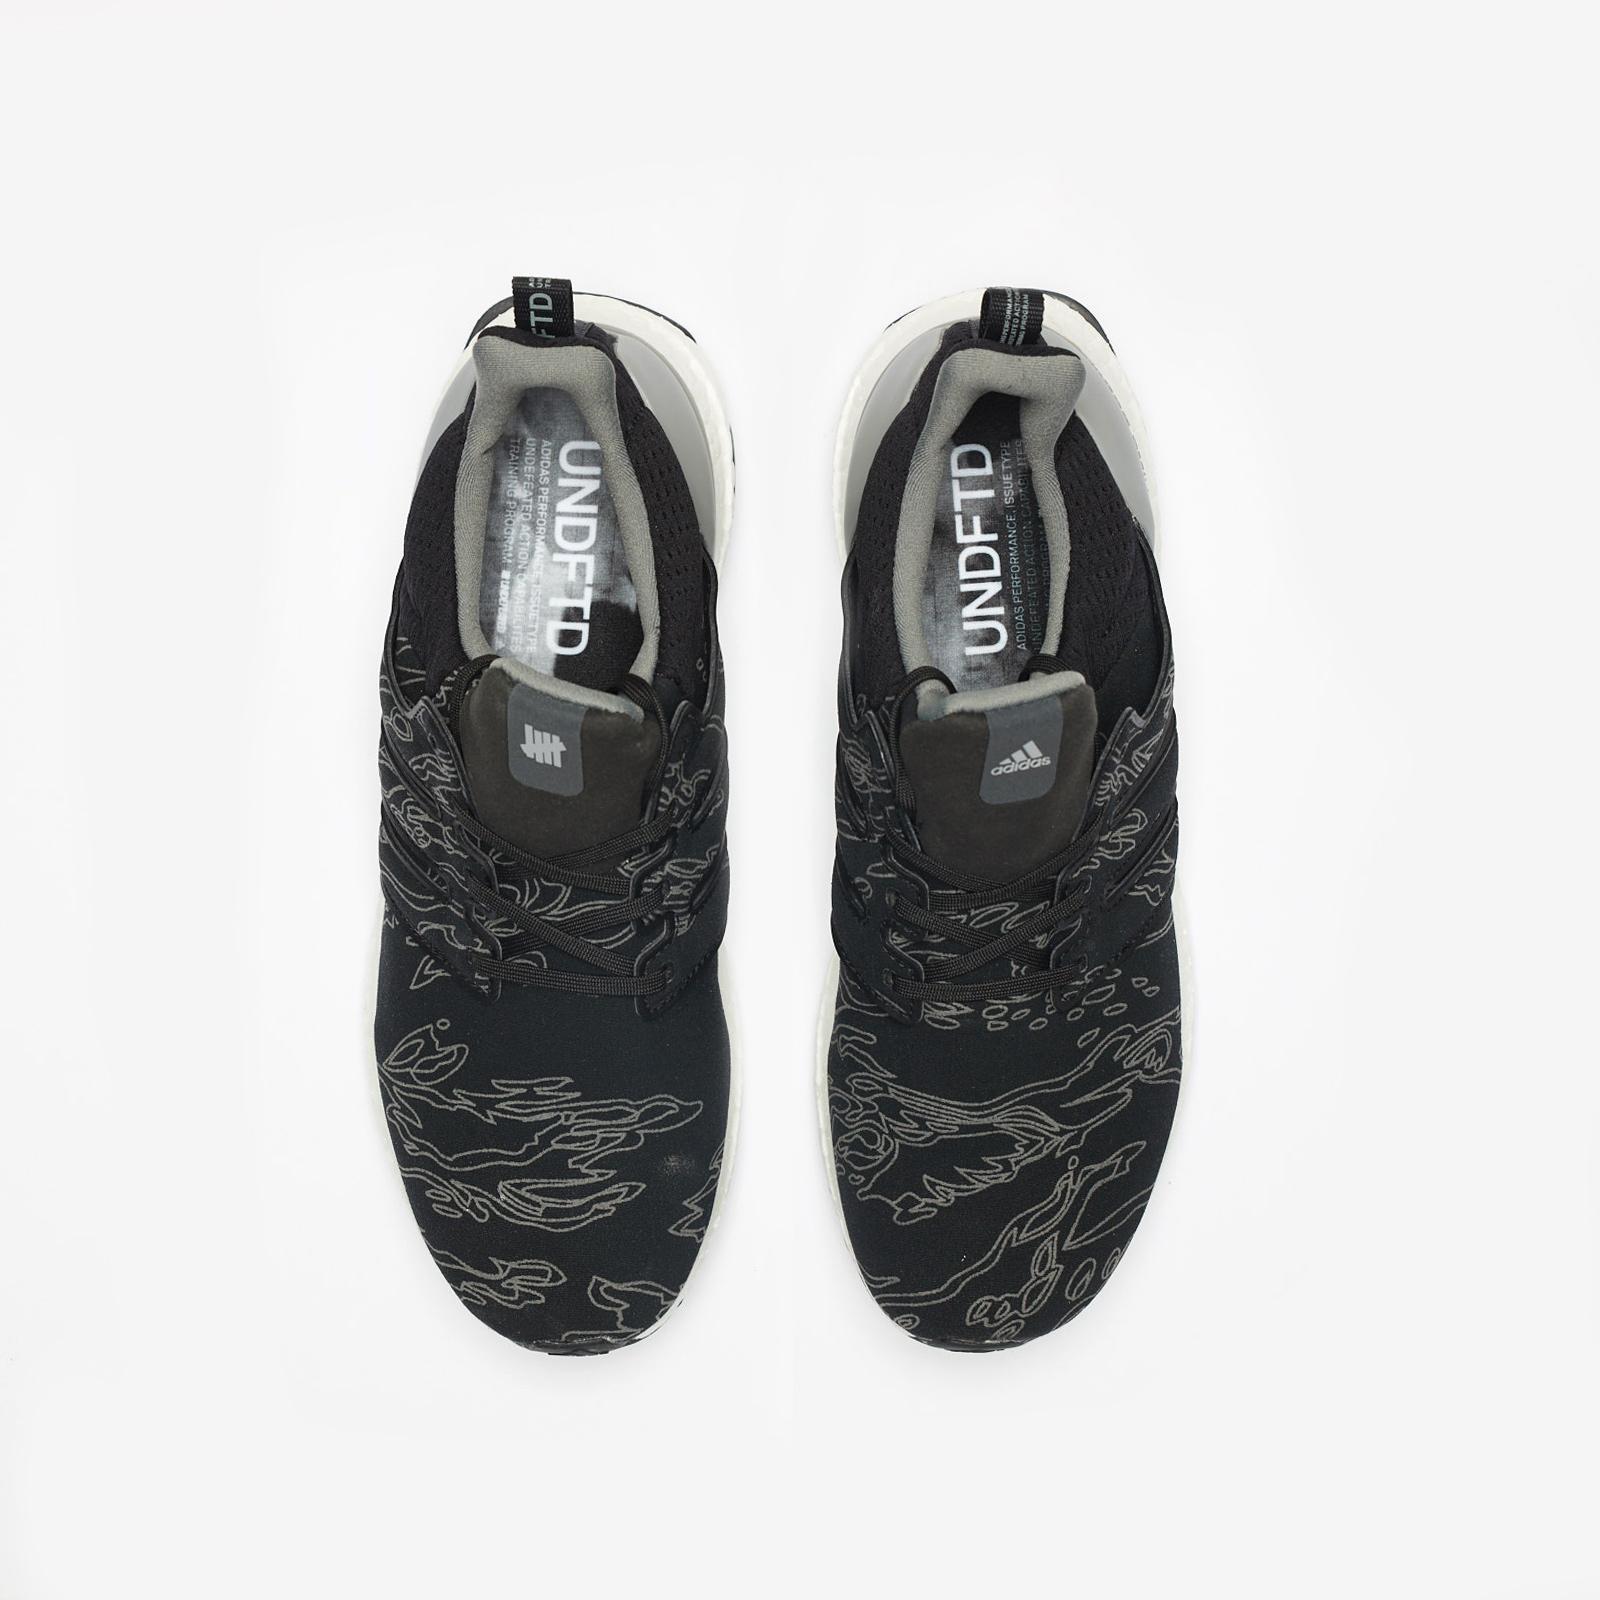 07e606f8616bb adidas UltraBOOST x UNDFTD - Bc0472 - Sneakersnstuff